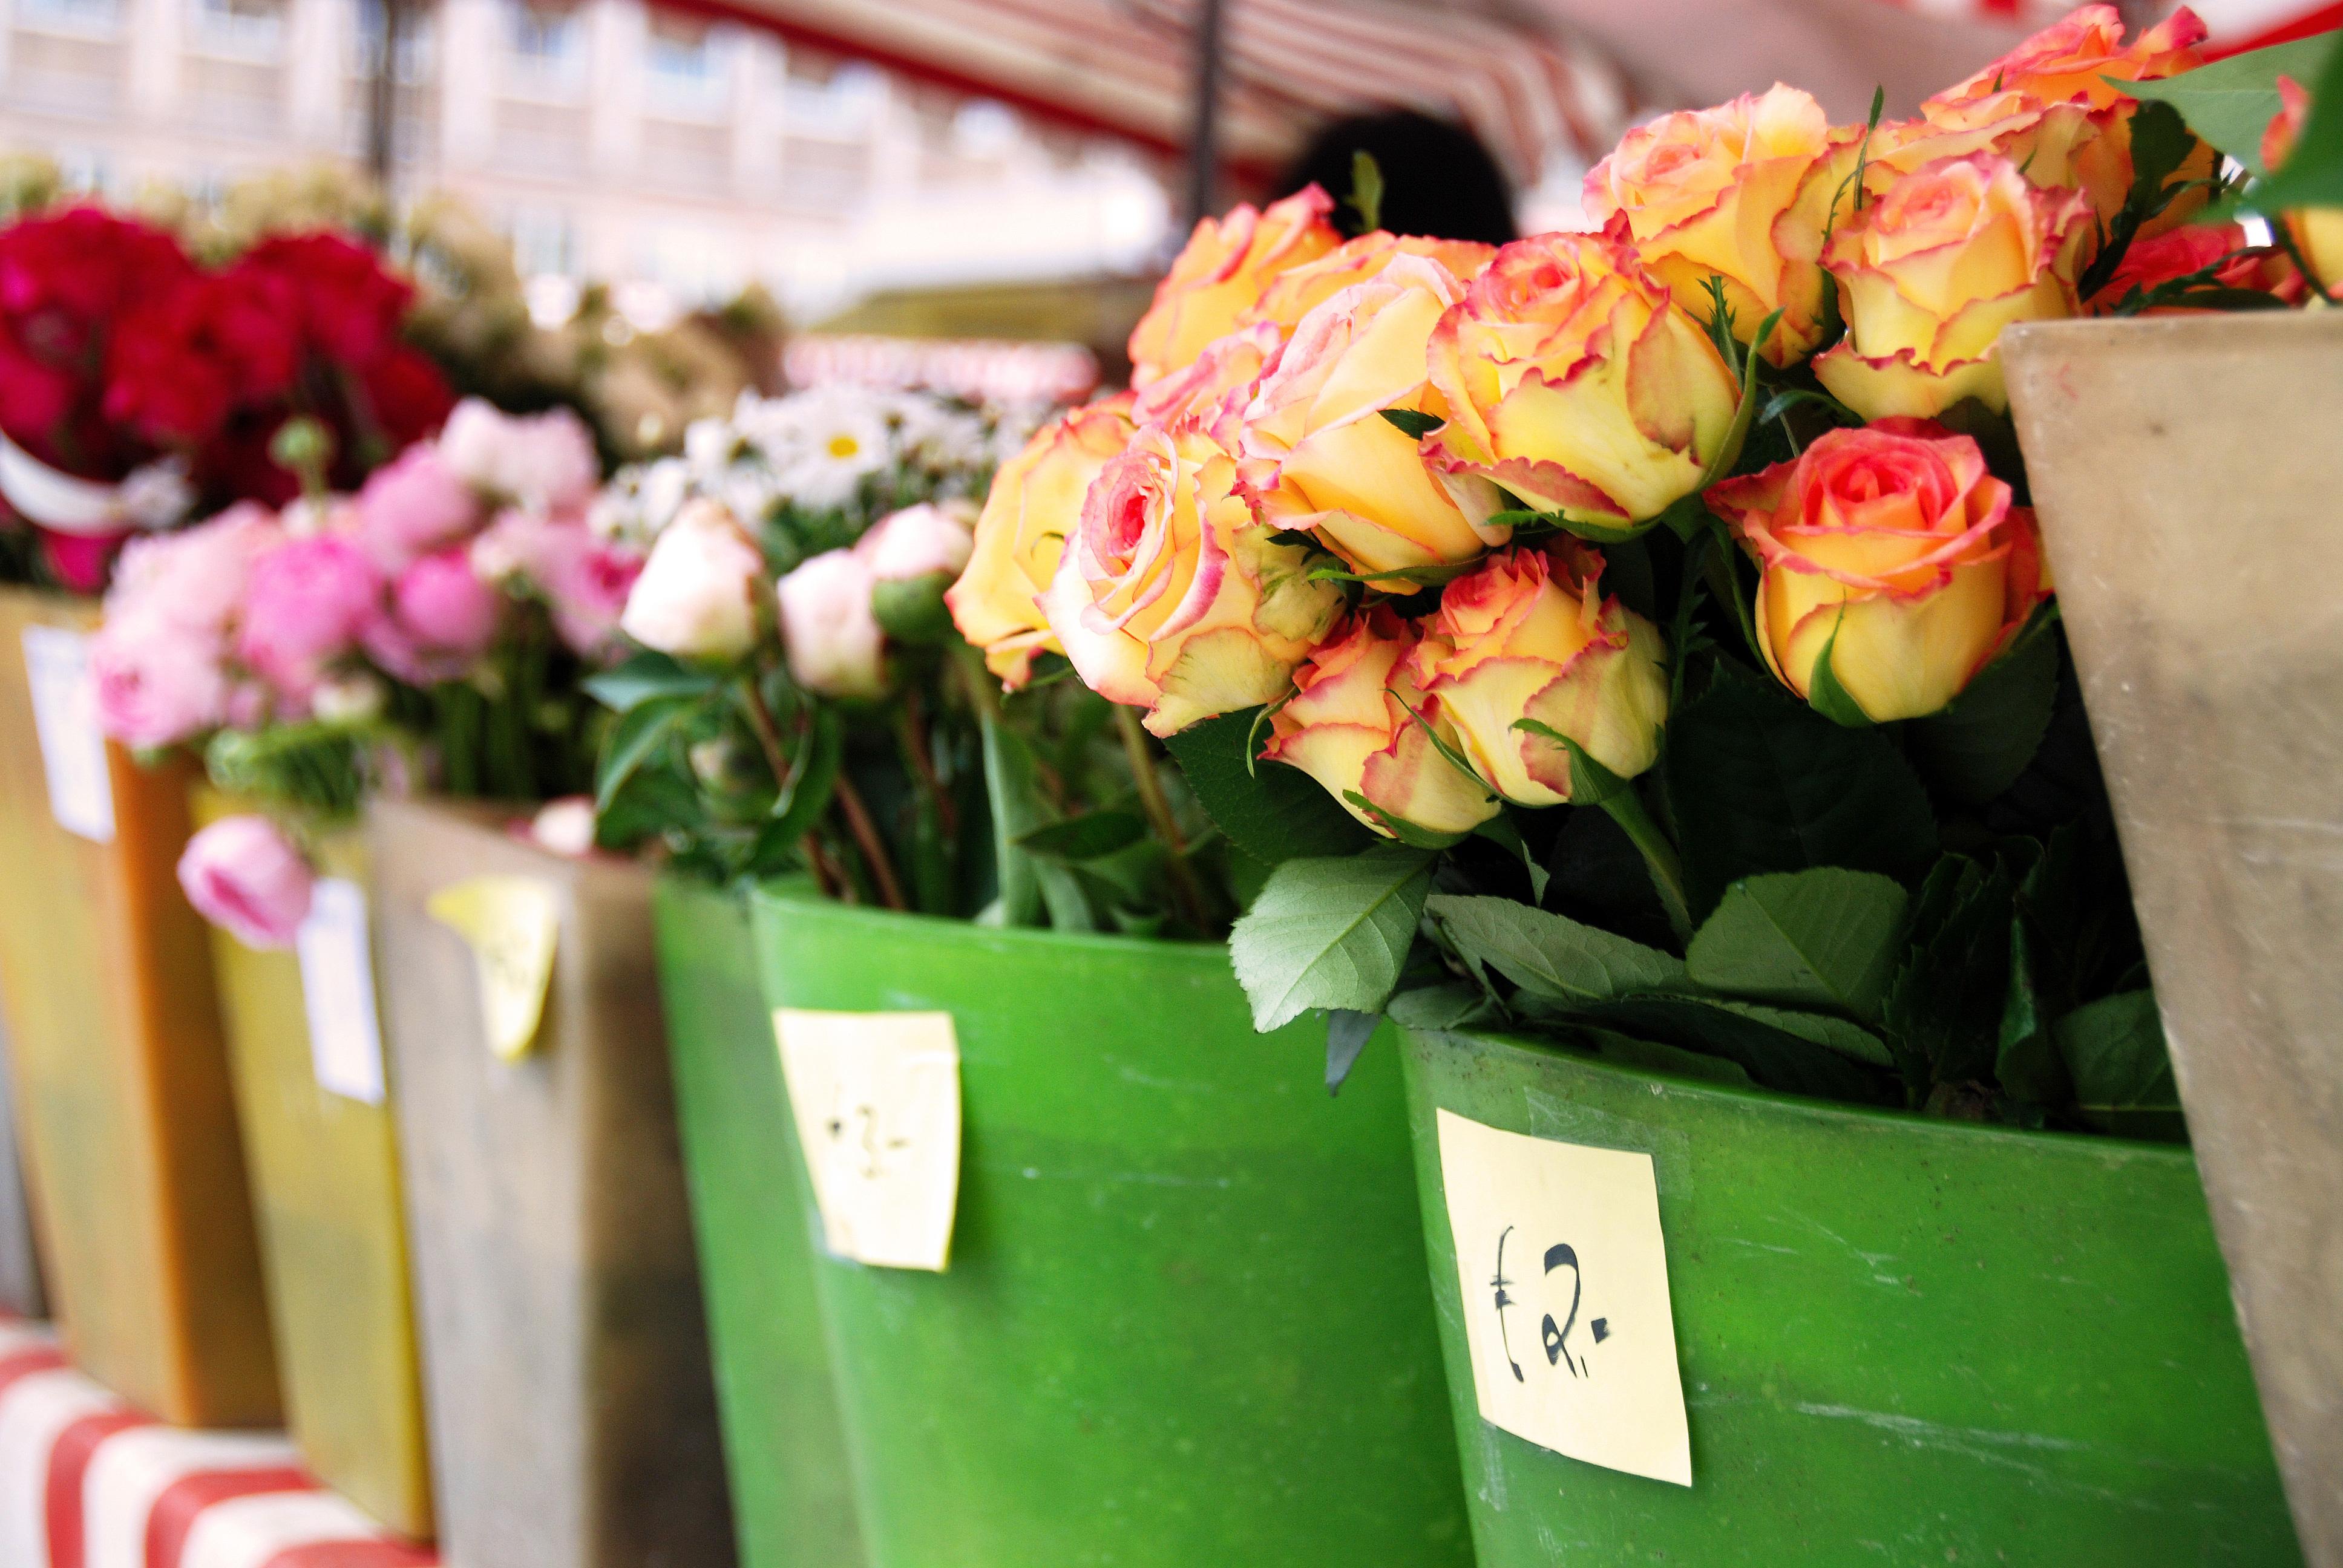 Как организовать бизнес службу доставки цветов и подарков заказ цветов с доставкой в волгограде